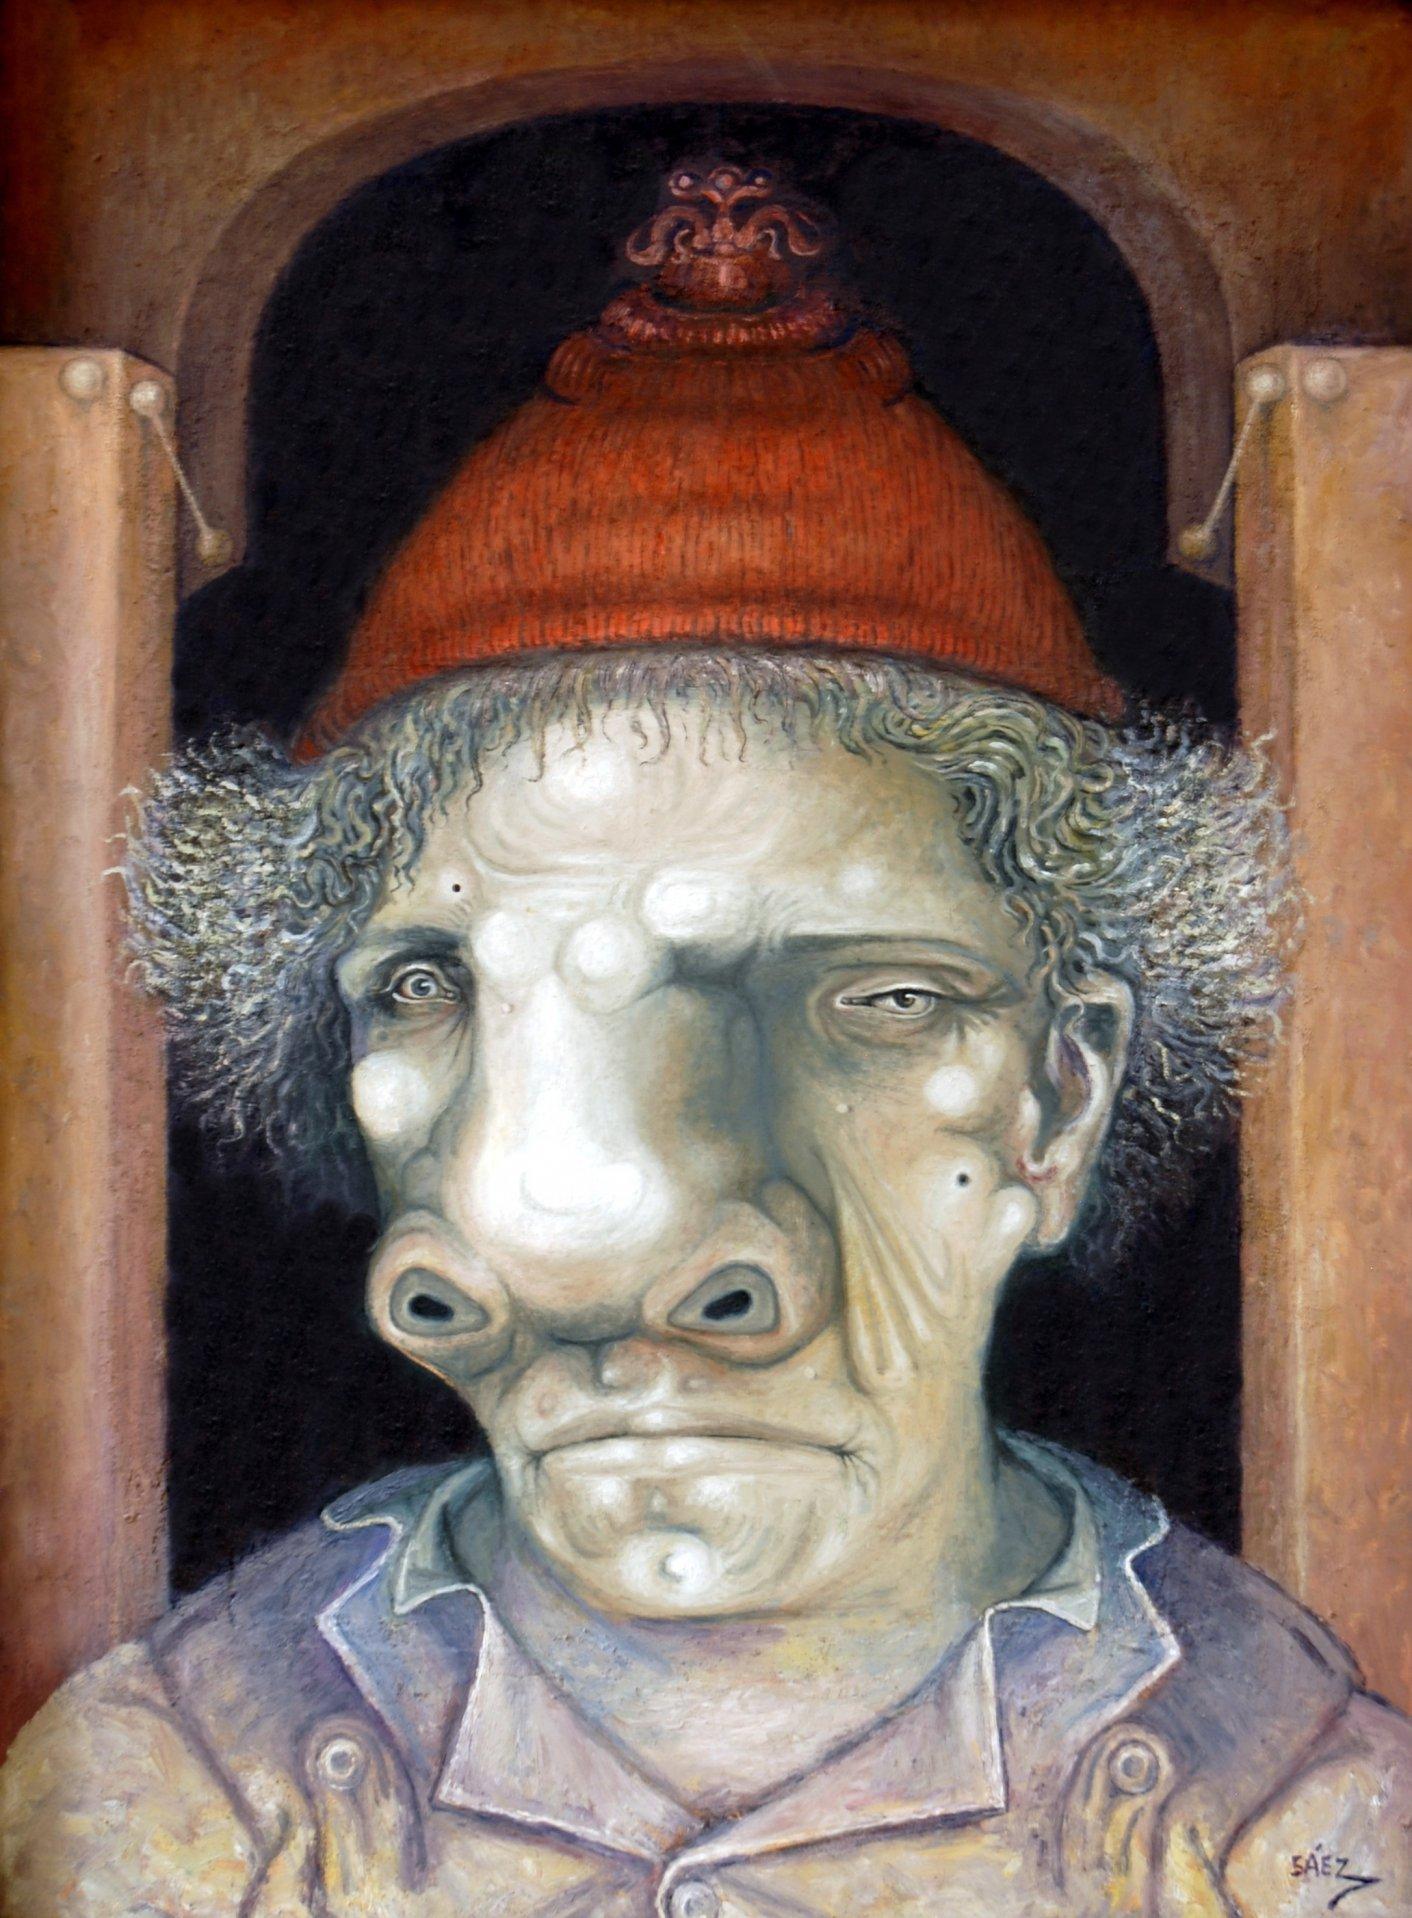 Personaje con gorro (2010) - Miguel Angel Sáez - SÁEZ